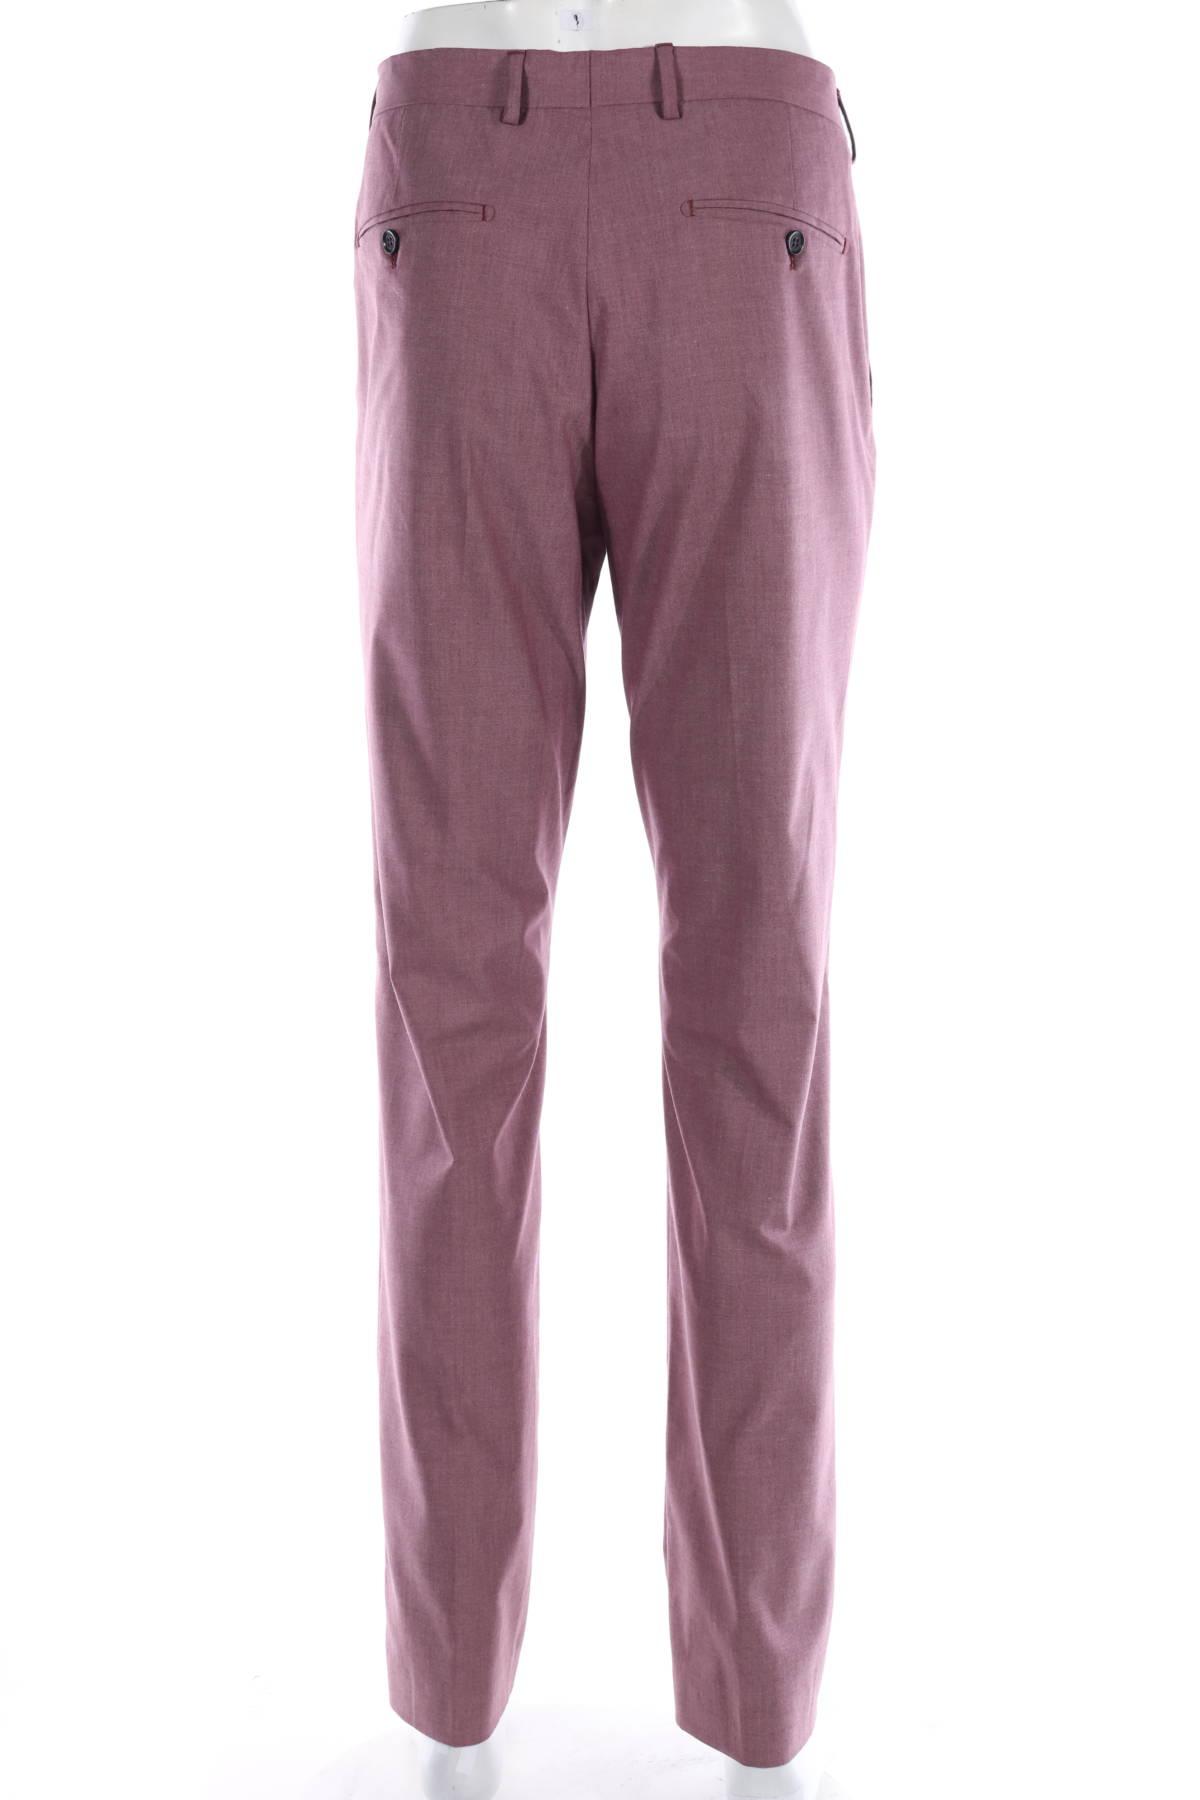 Официален панталон SELECTED HOMME2